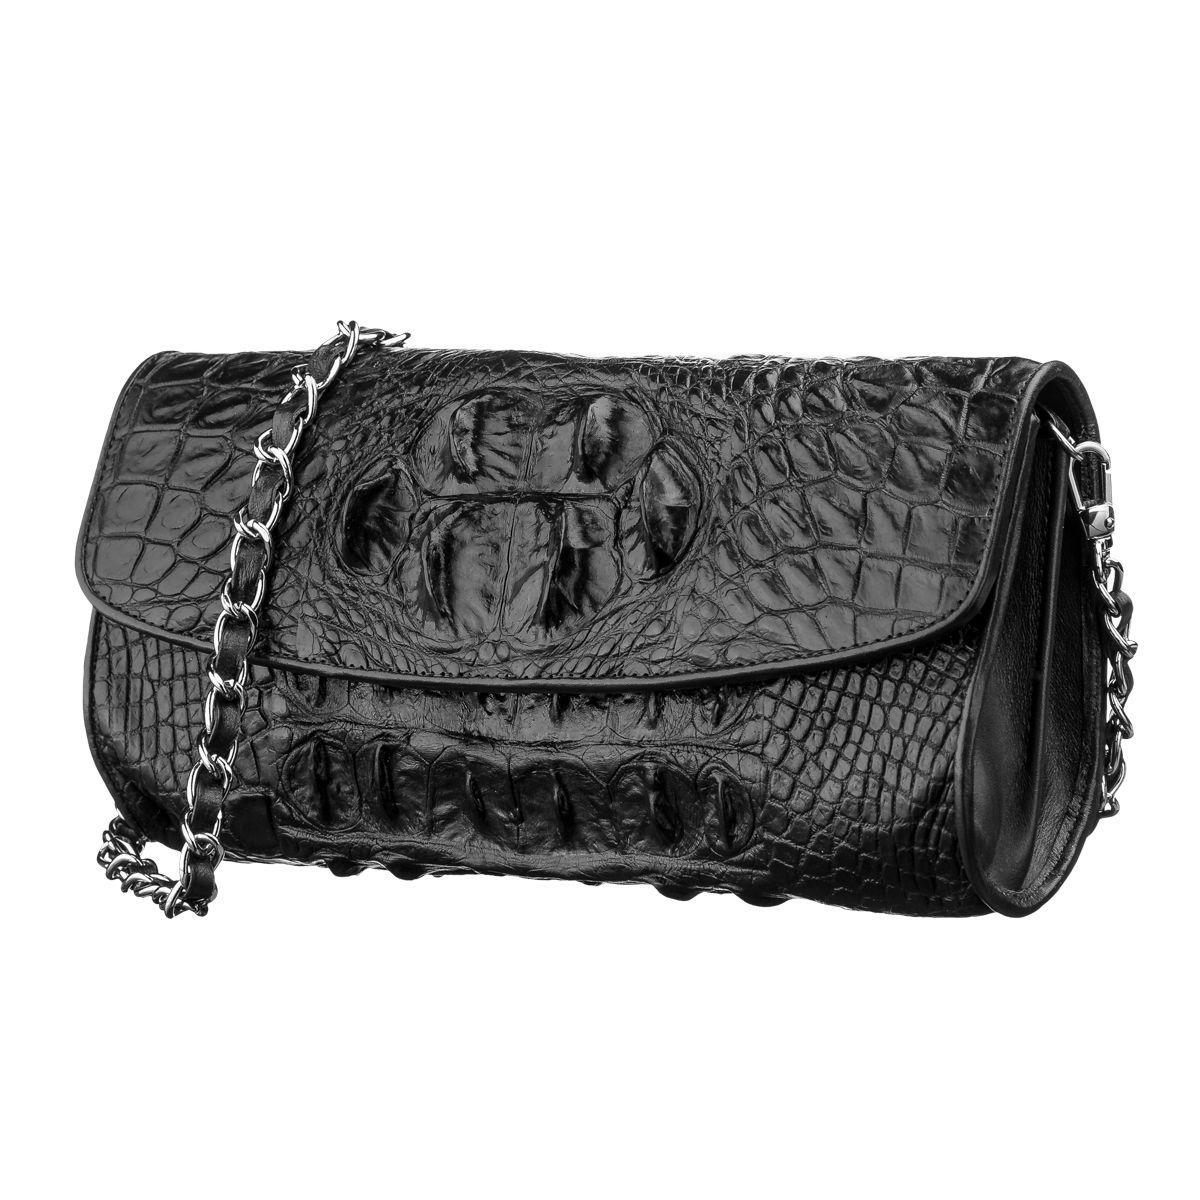 Сумка клатч Ekzotic Leather  из натуральной кожи крокодила Коричневая (cb13)